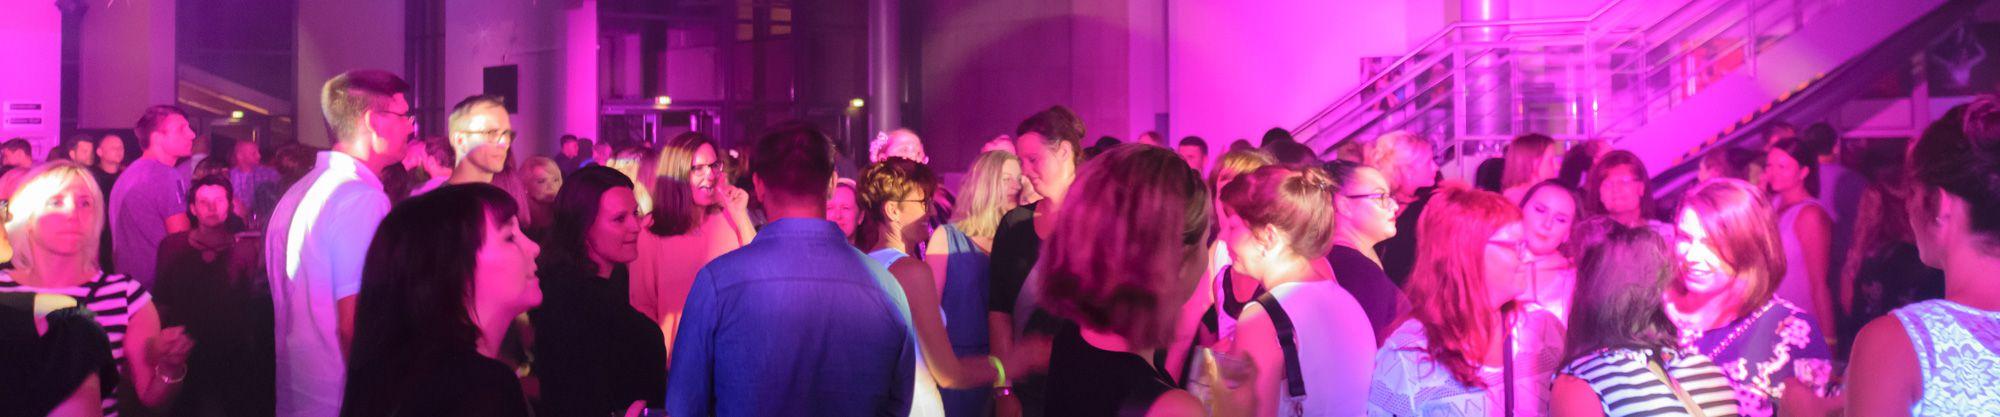 Event DJ Christian Libor in Schwedt